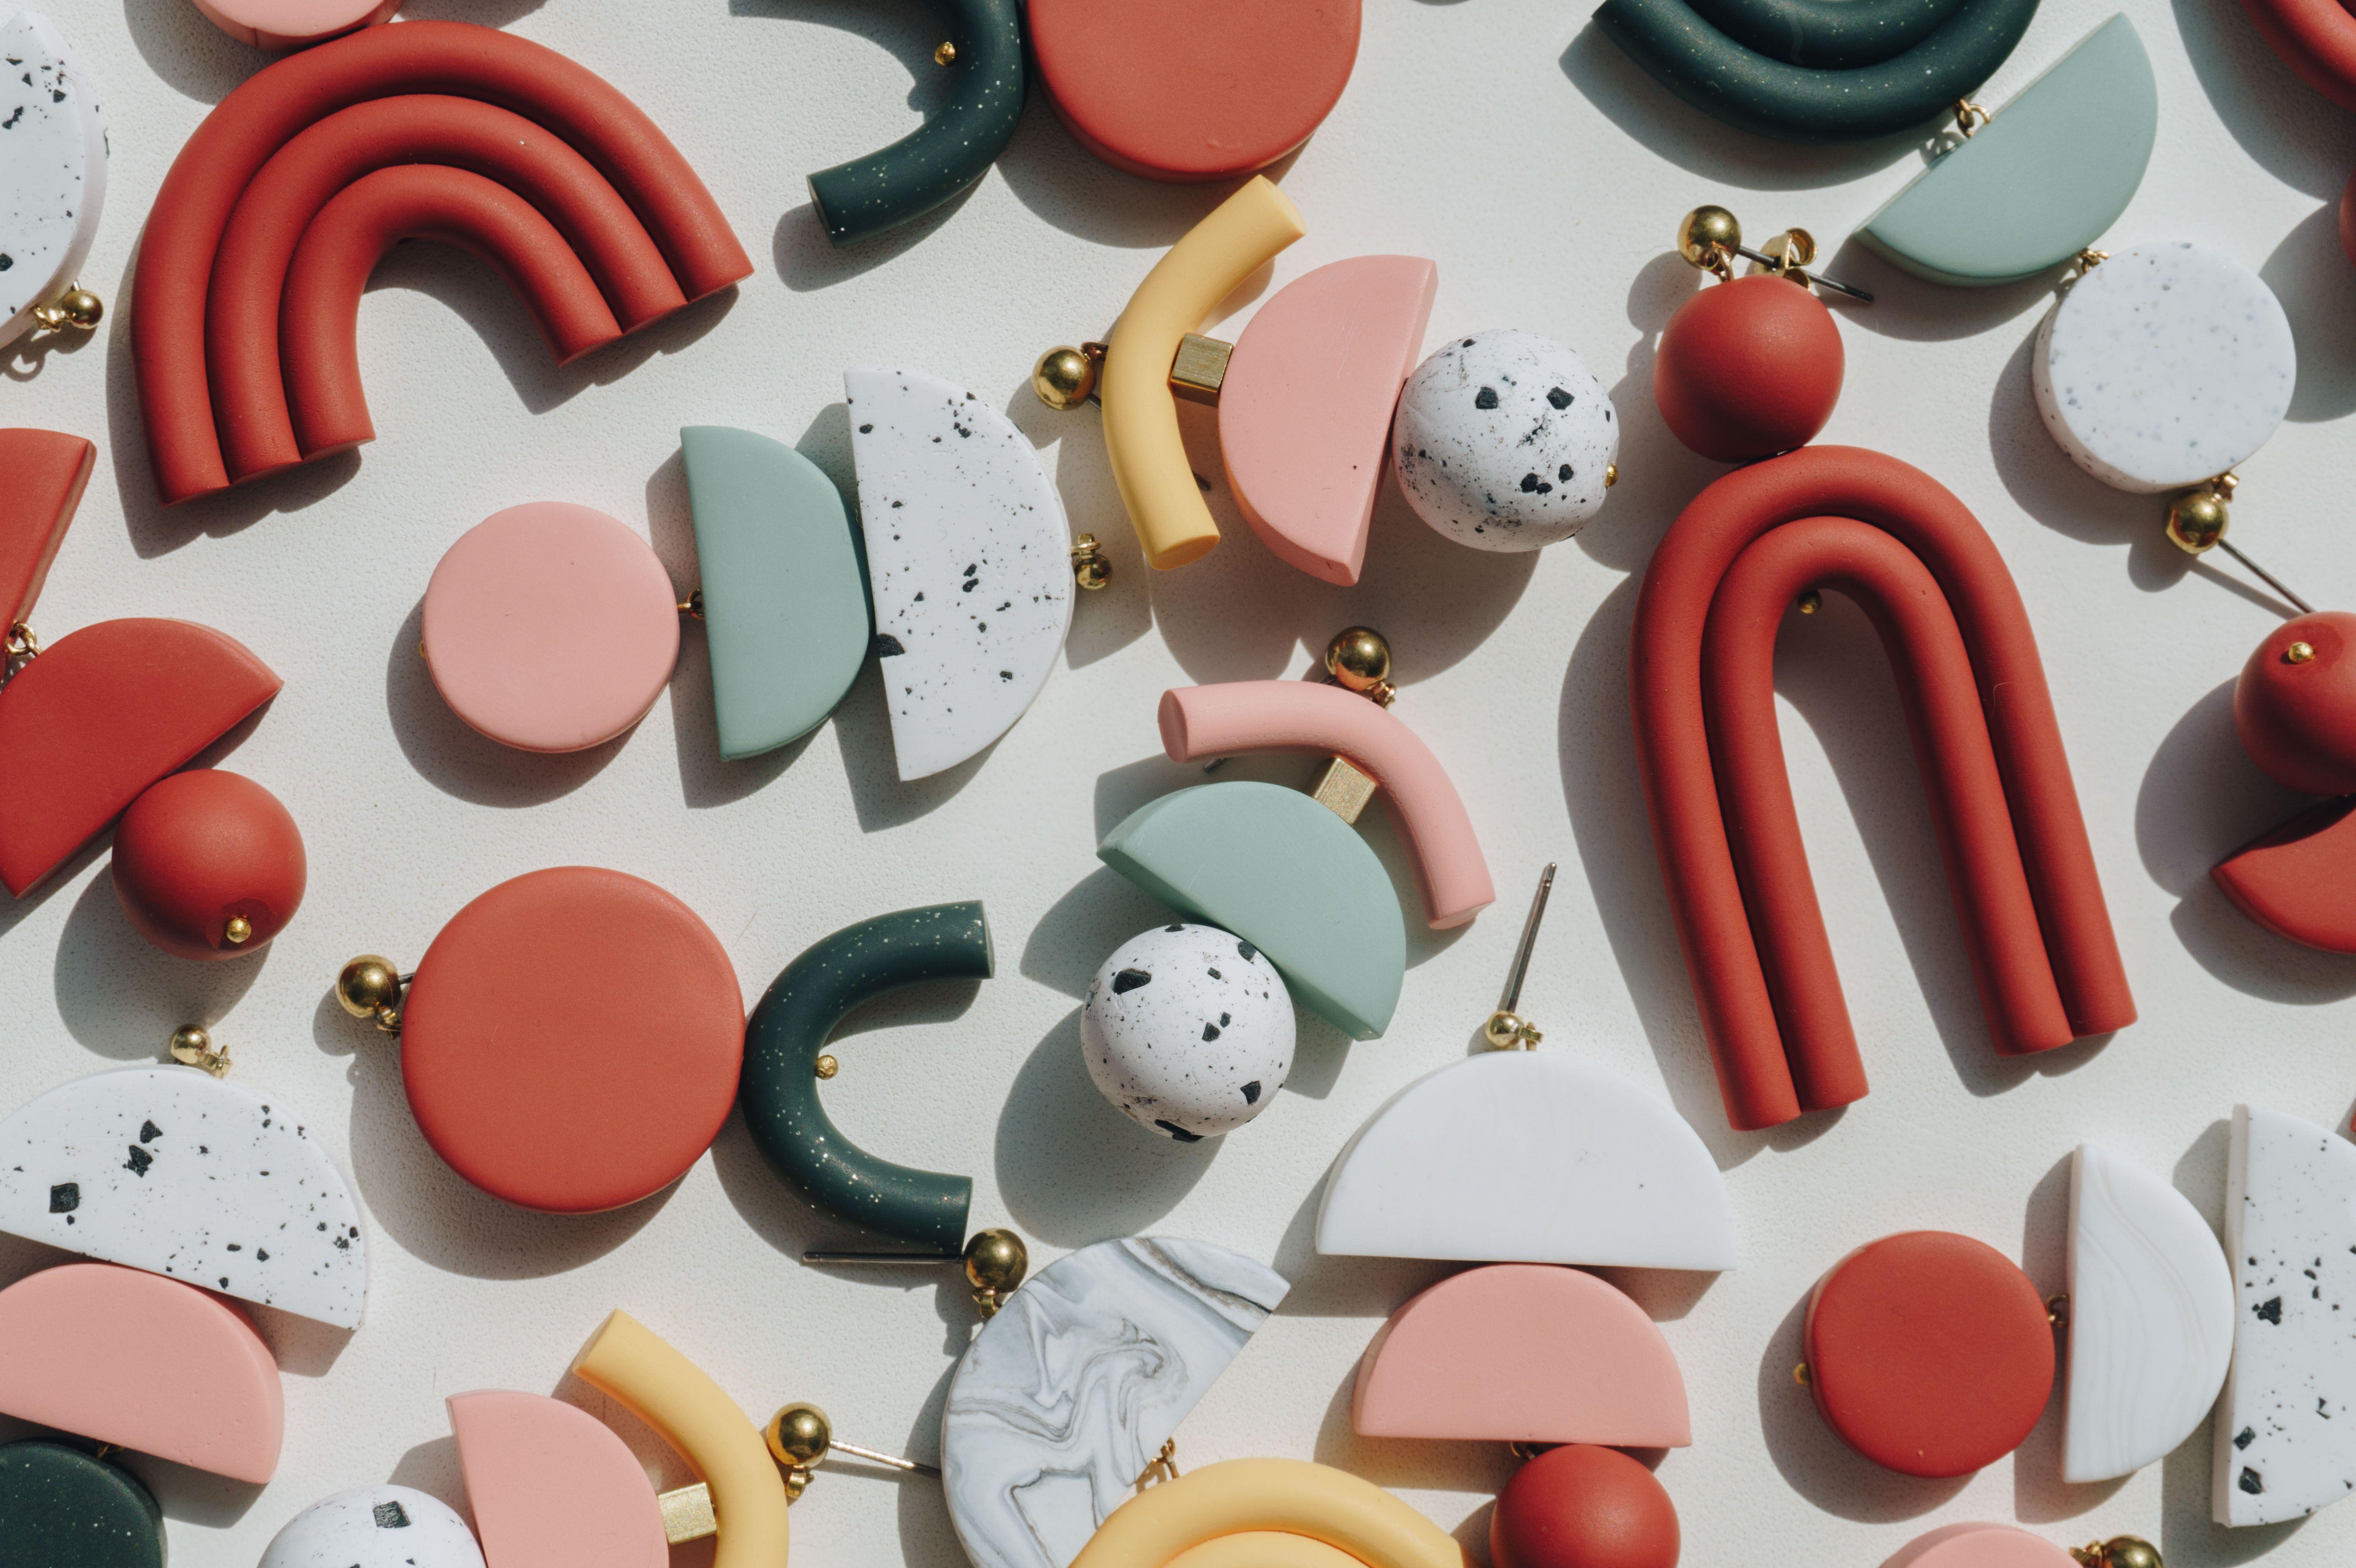 Iebis Modern Minimalist Polymer Clay Jewelry Statementjewelry Polymerclay Polymerclayjewelr Clay Jewelry Diy Polymer Clay Jewelry Diy Polymer Clay Jewelry